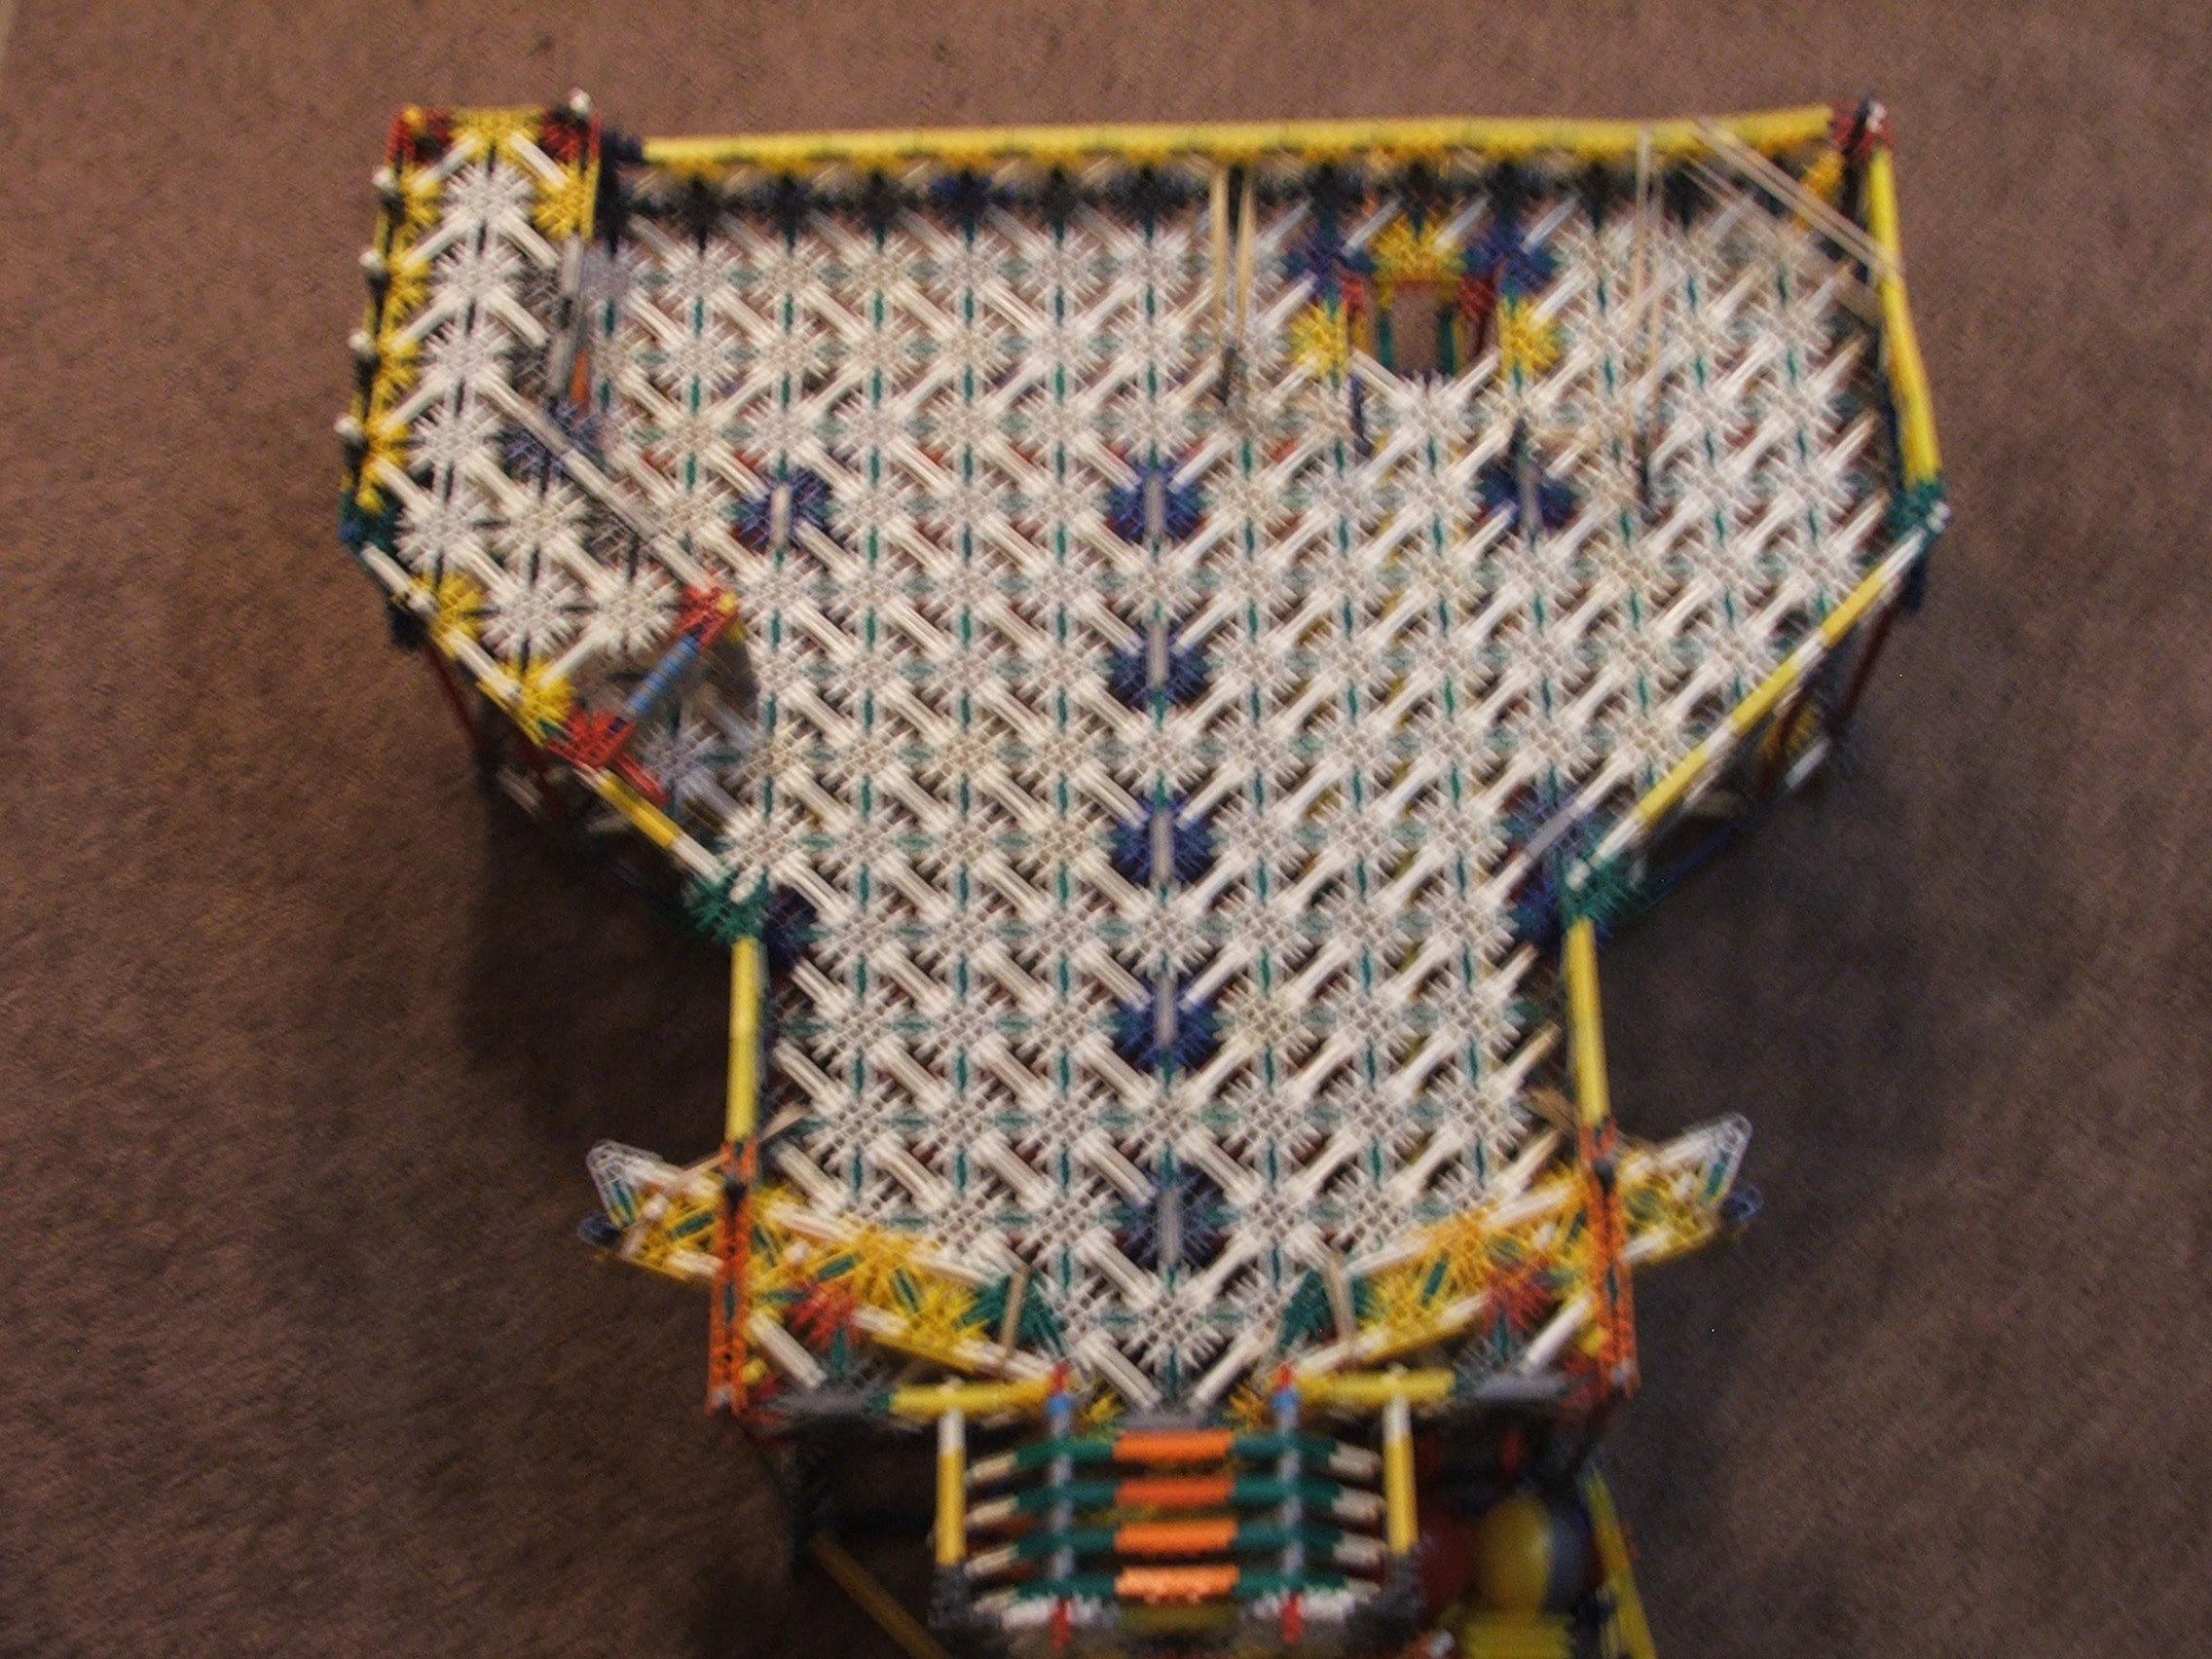 The knex Pinball machine